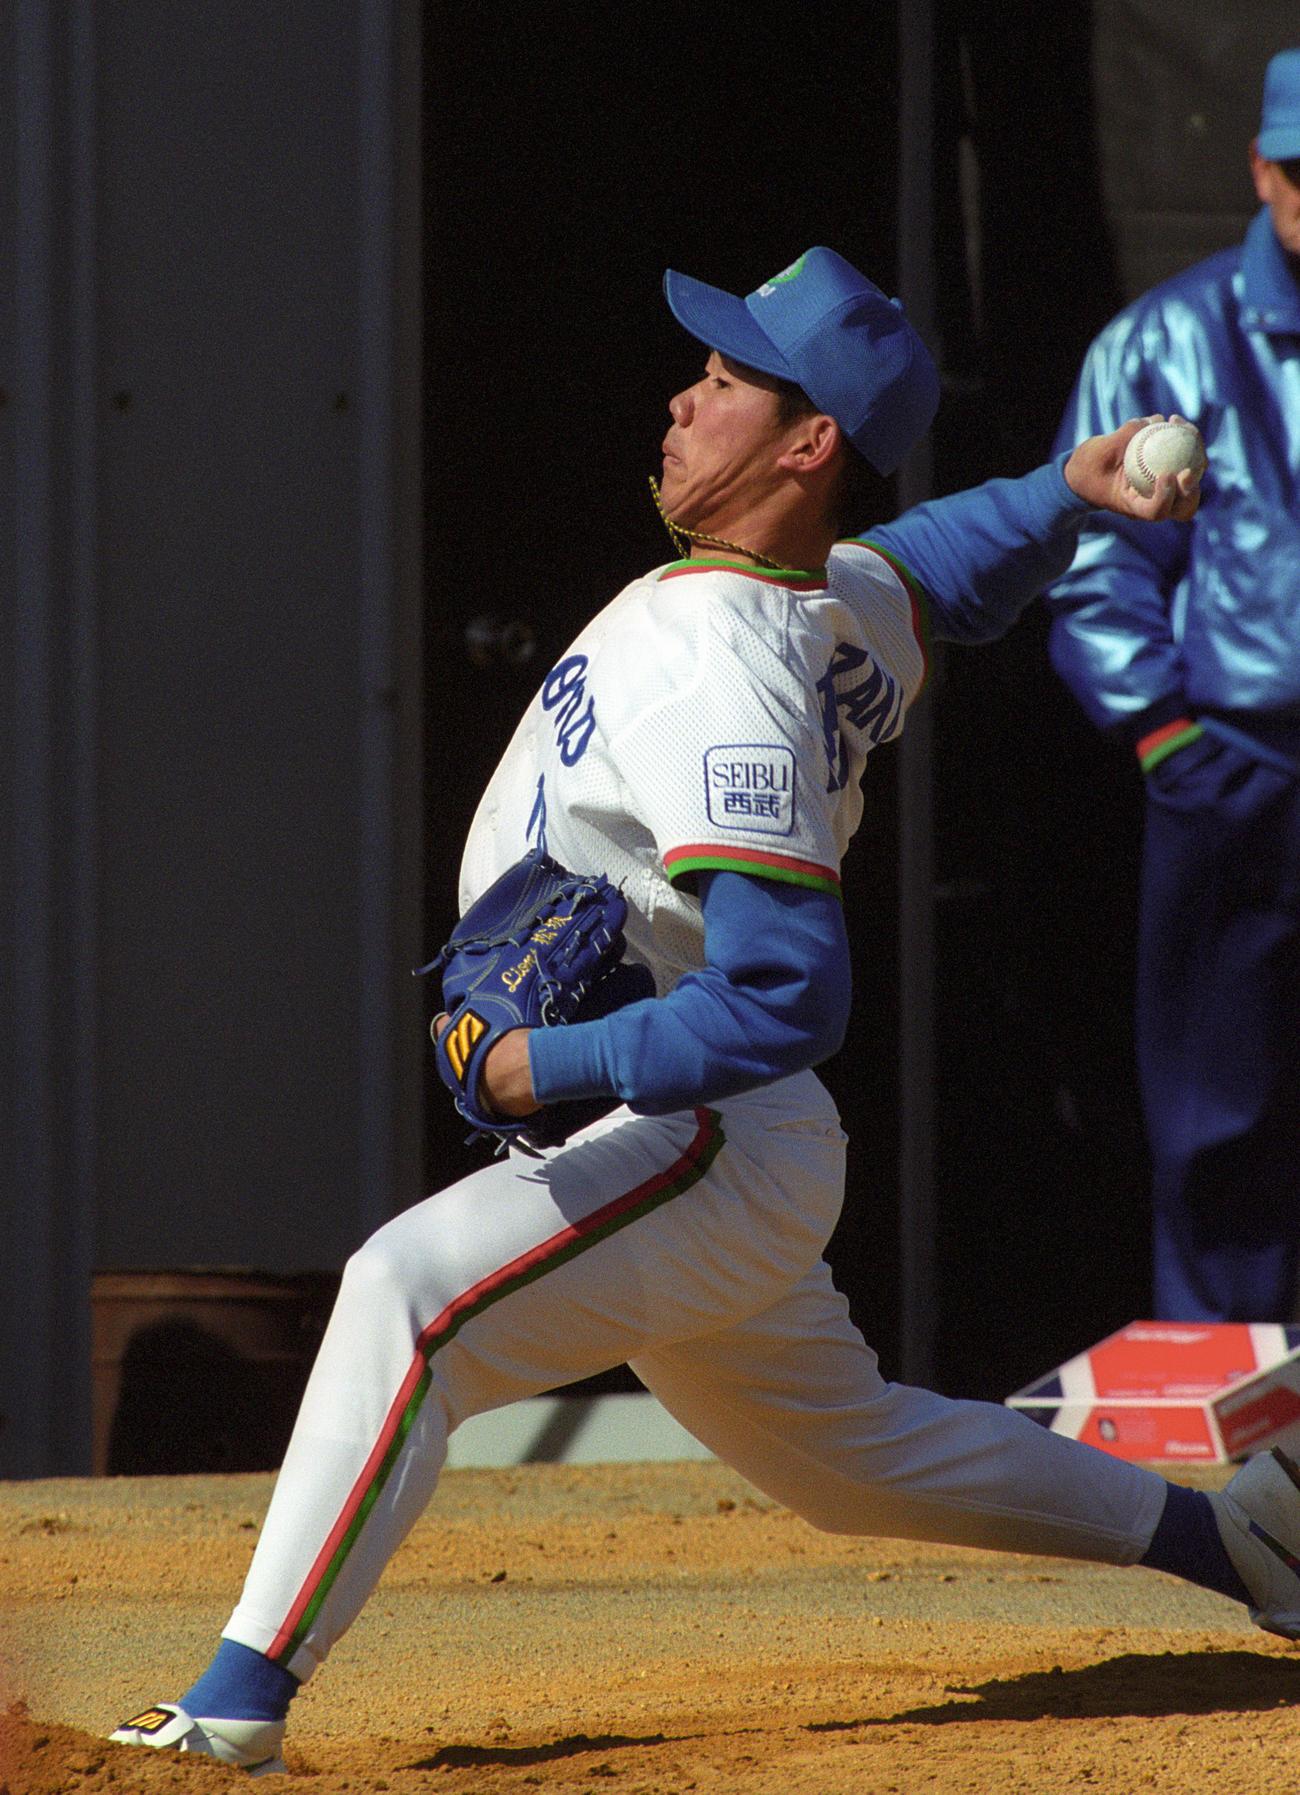 西武春季キャンプ ブルペンで投げ込む松坂大輔(99年2月3日撮影)